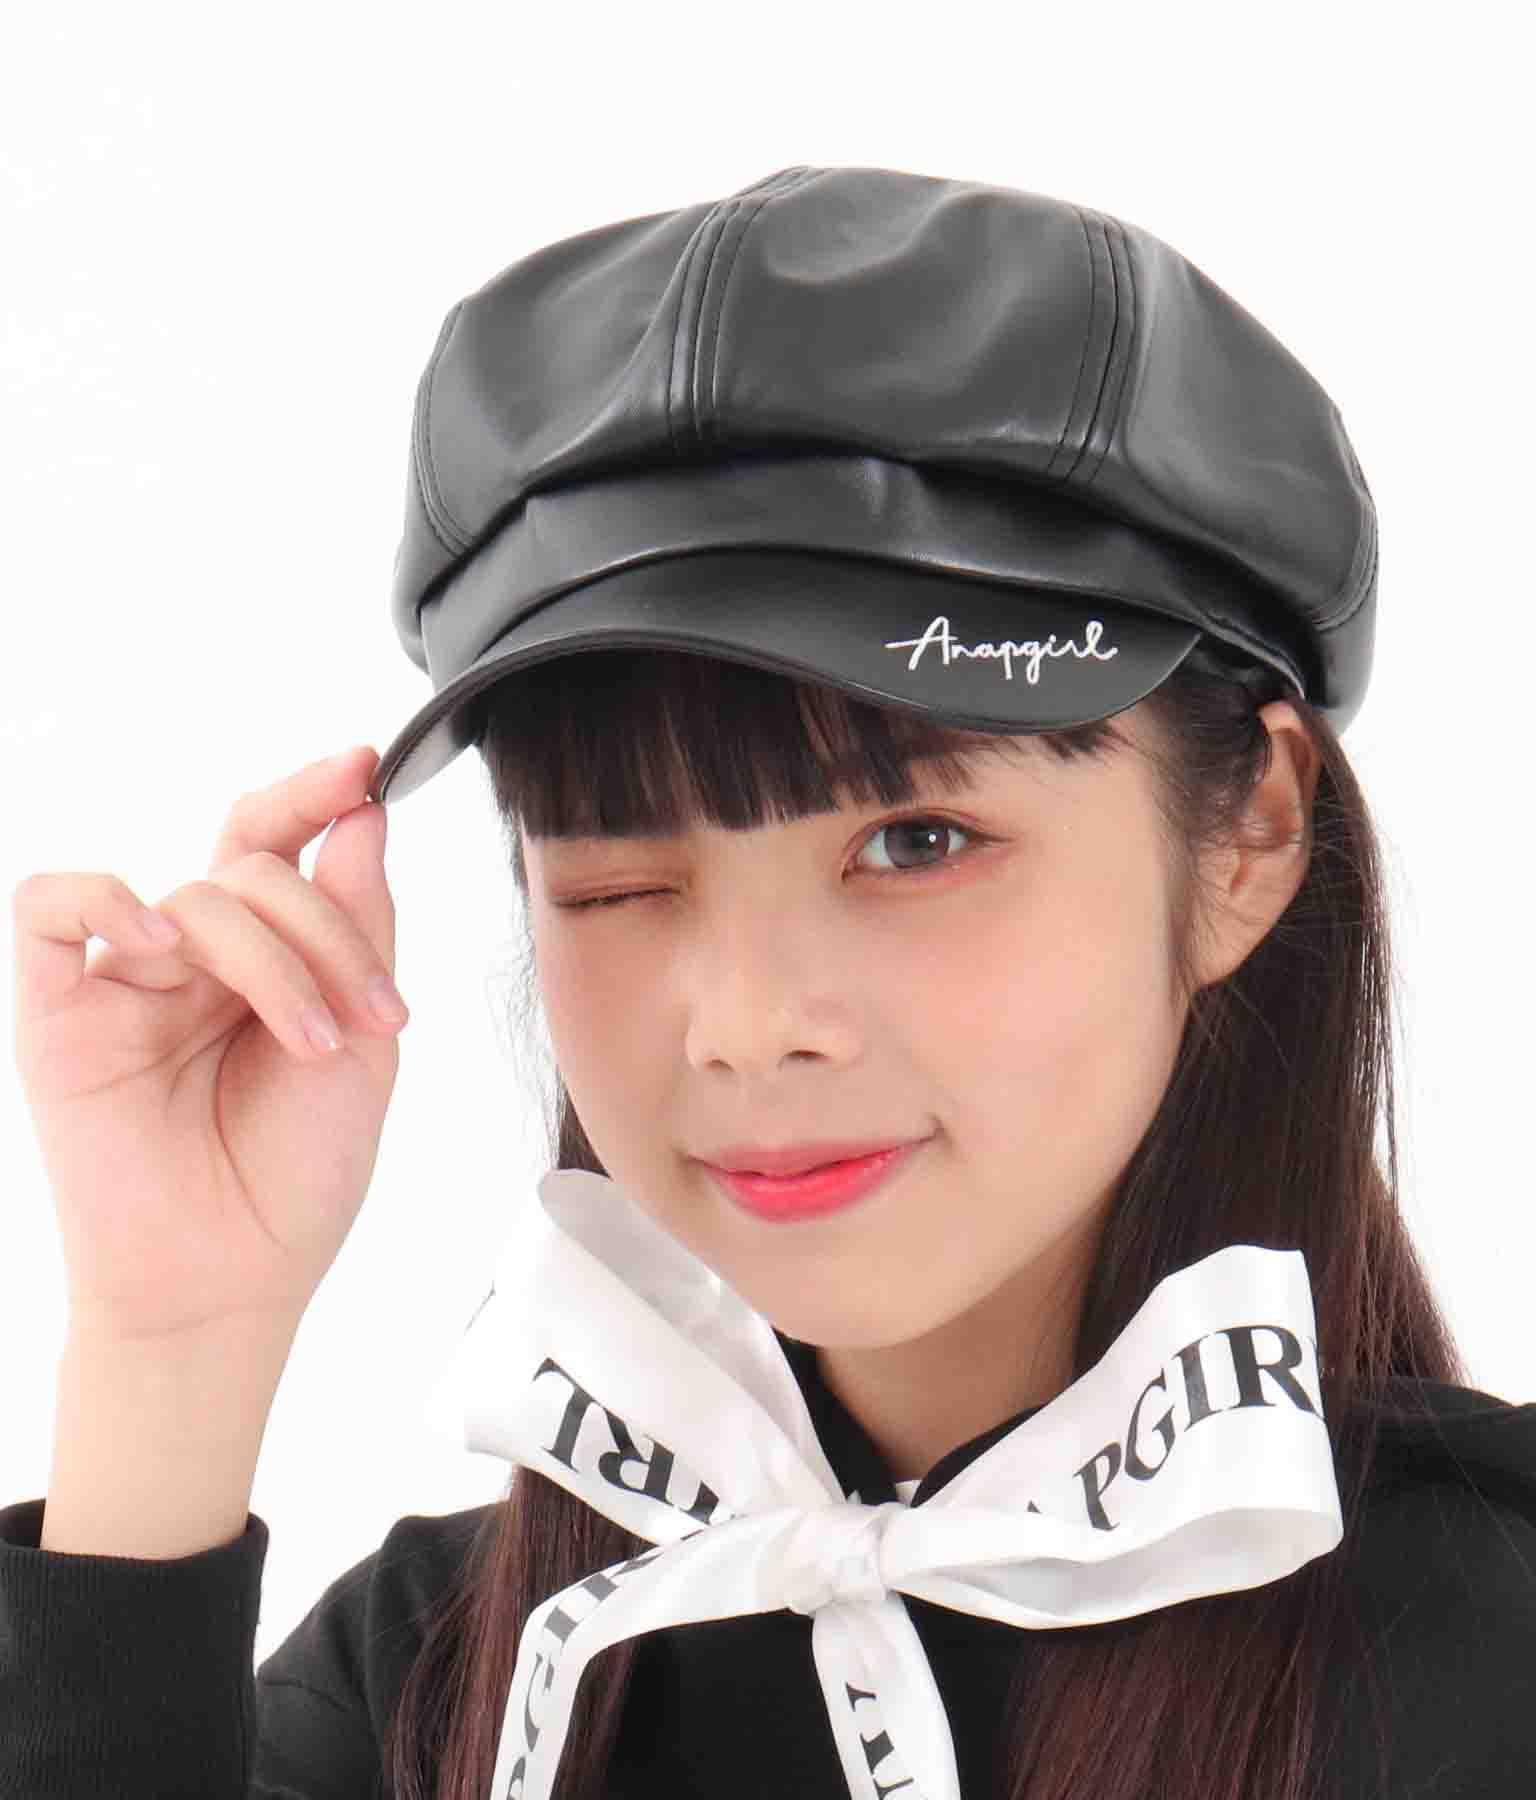 刺繍入合皮キャスケット(ファッション雑貨/ハット・キャップ・ニット帽 ・キャスケット・ベレー帽) | ANAP GiRL